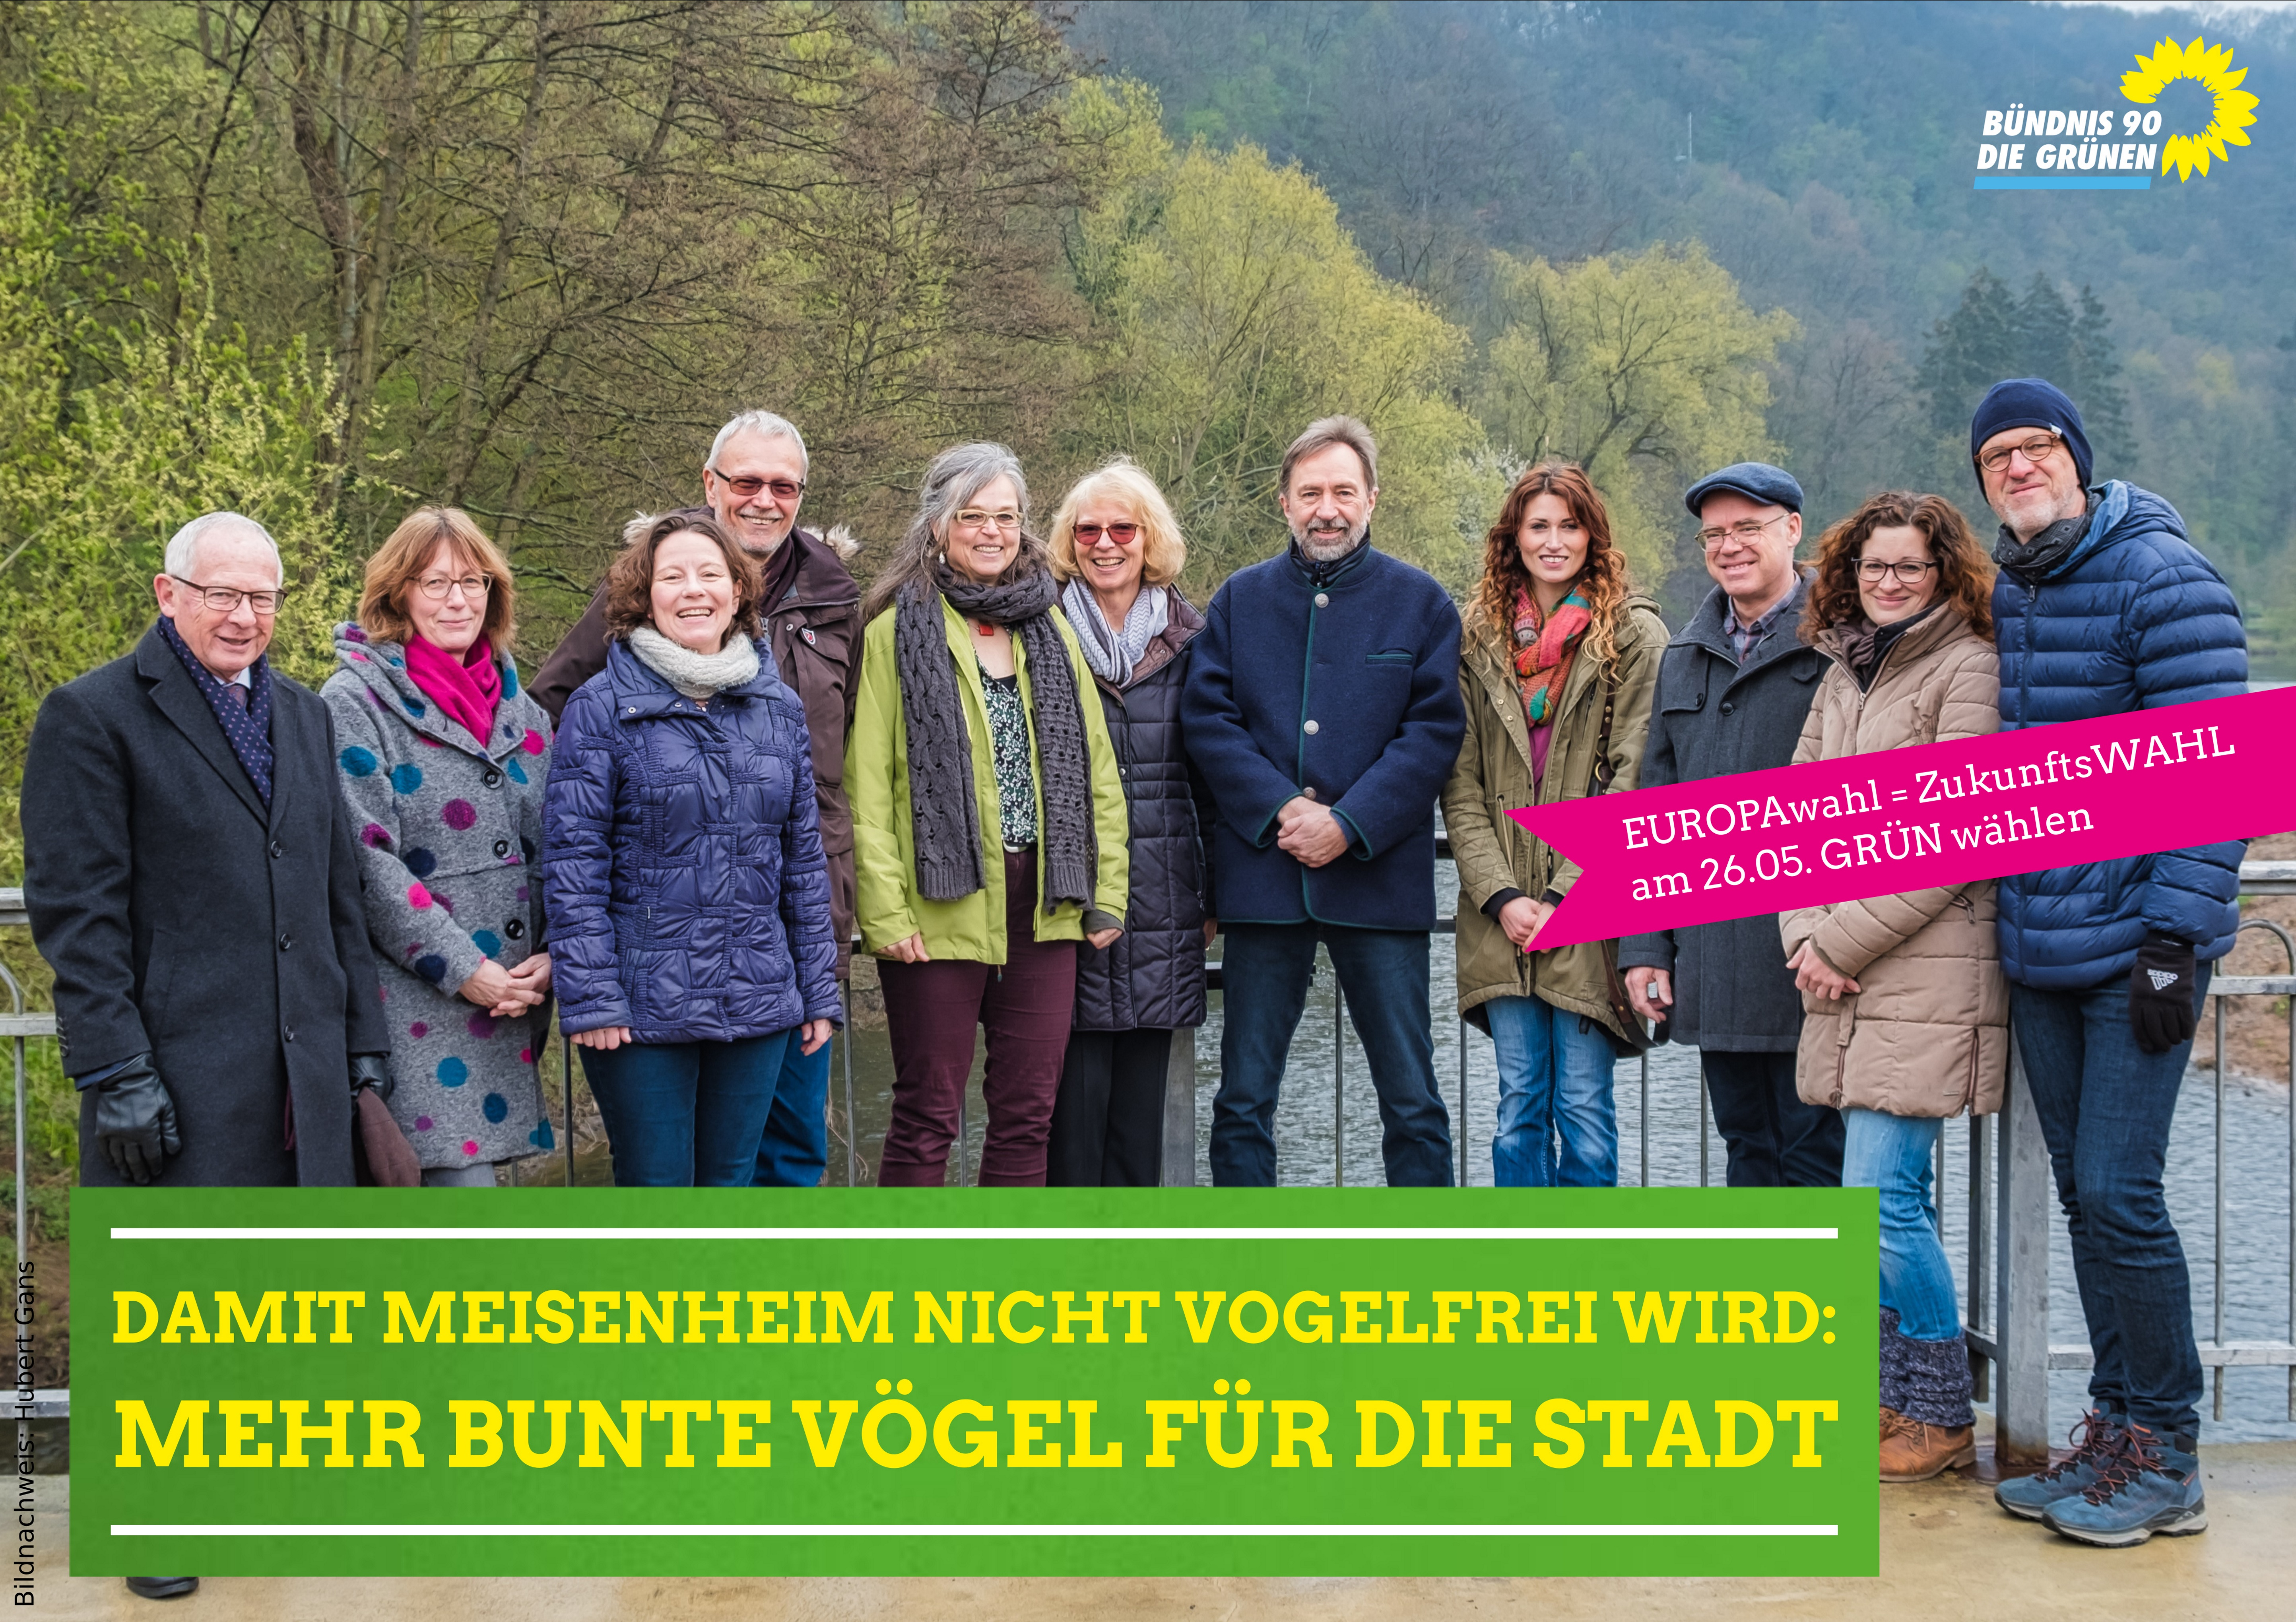 Unsere Kandidatinnen und Kandidaten für den Stadtrat in Meisenheim